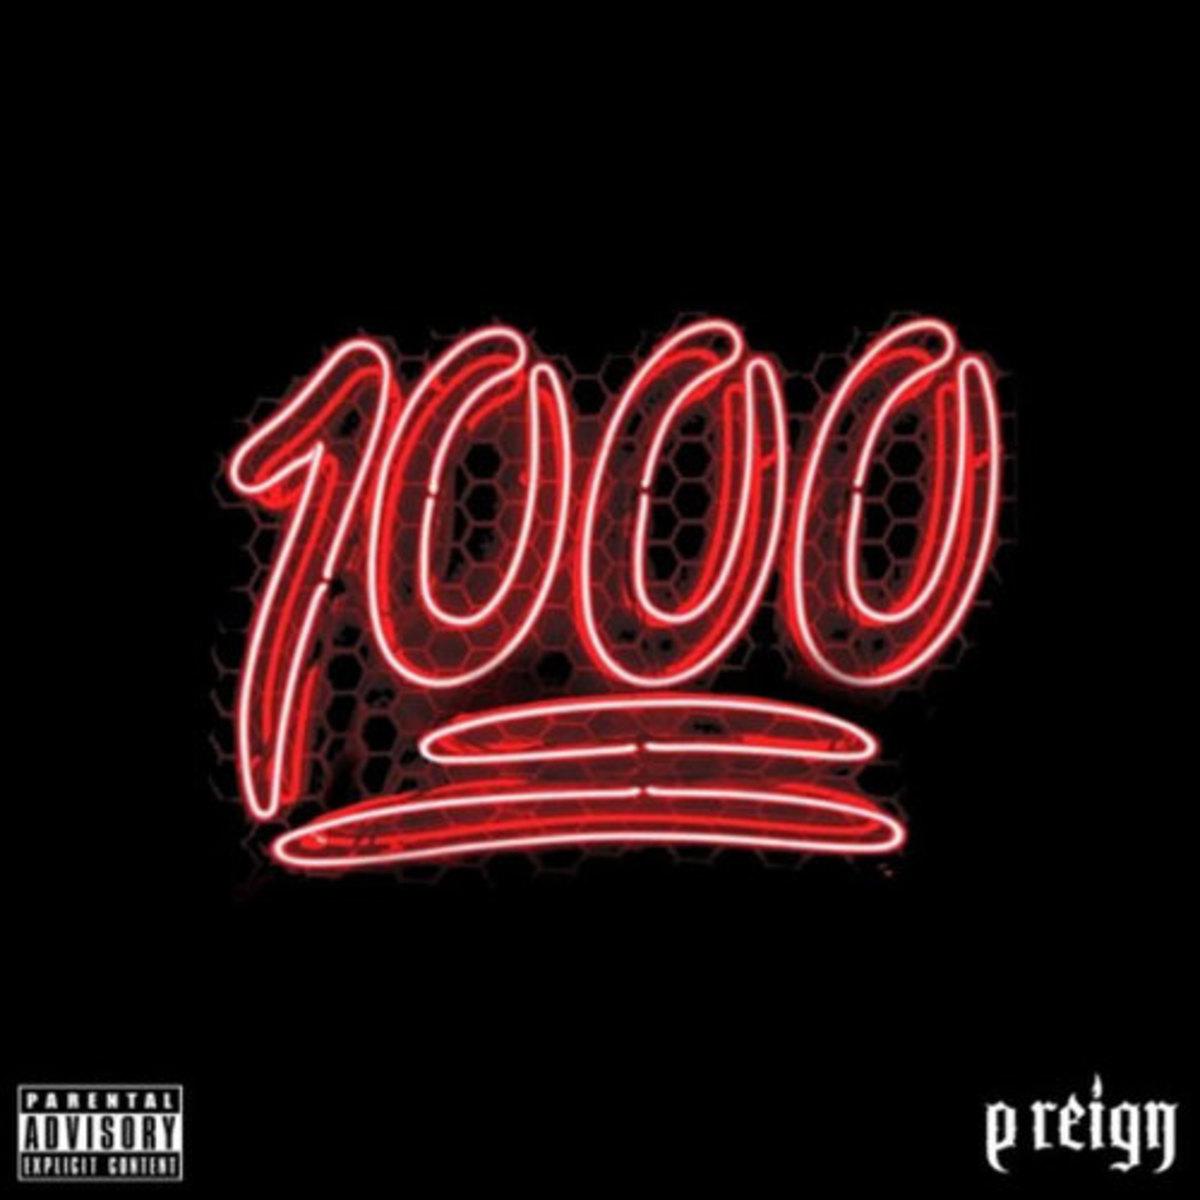 p-reign-1000.jpg